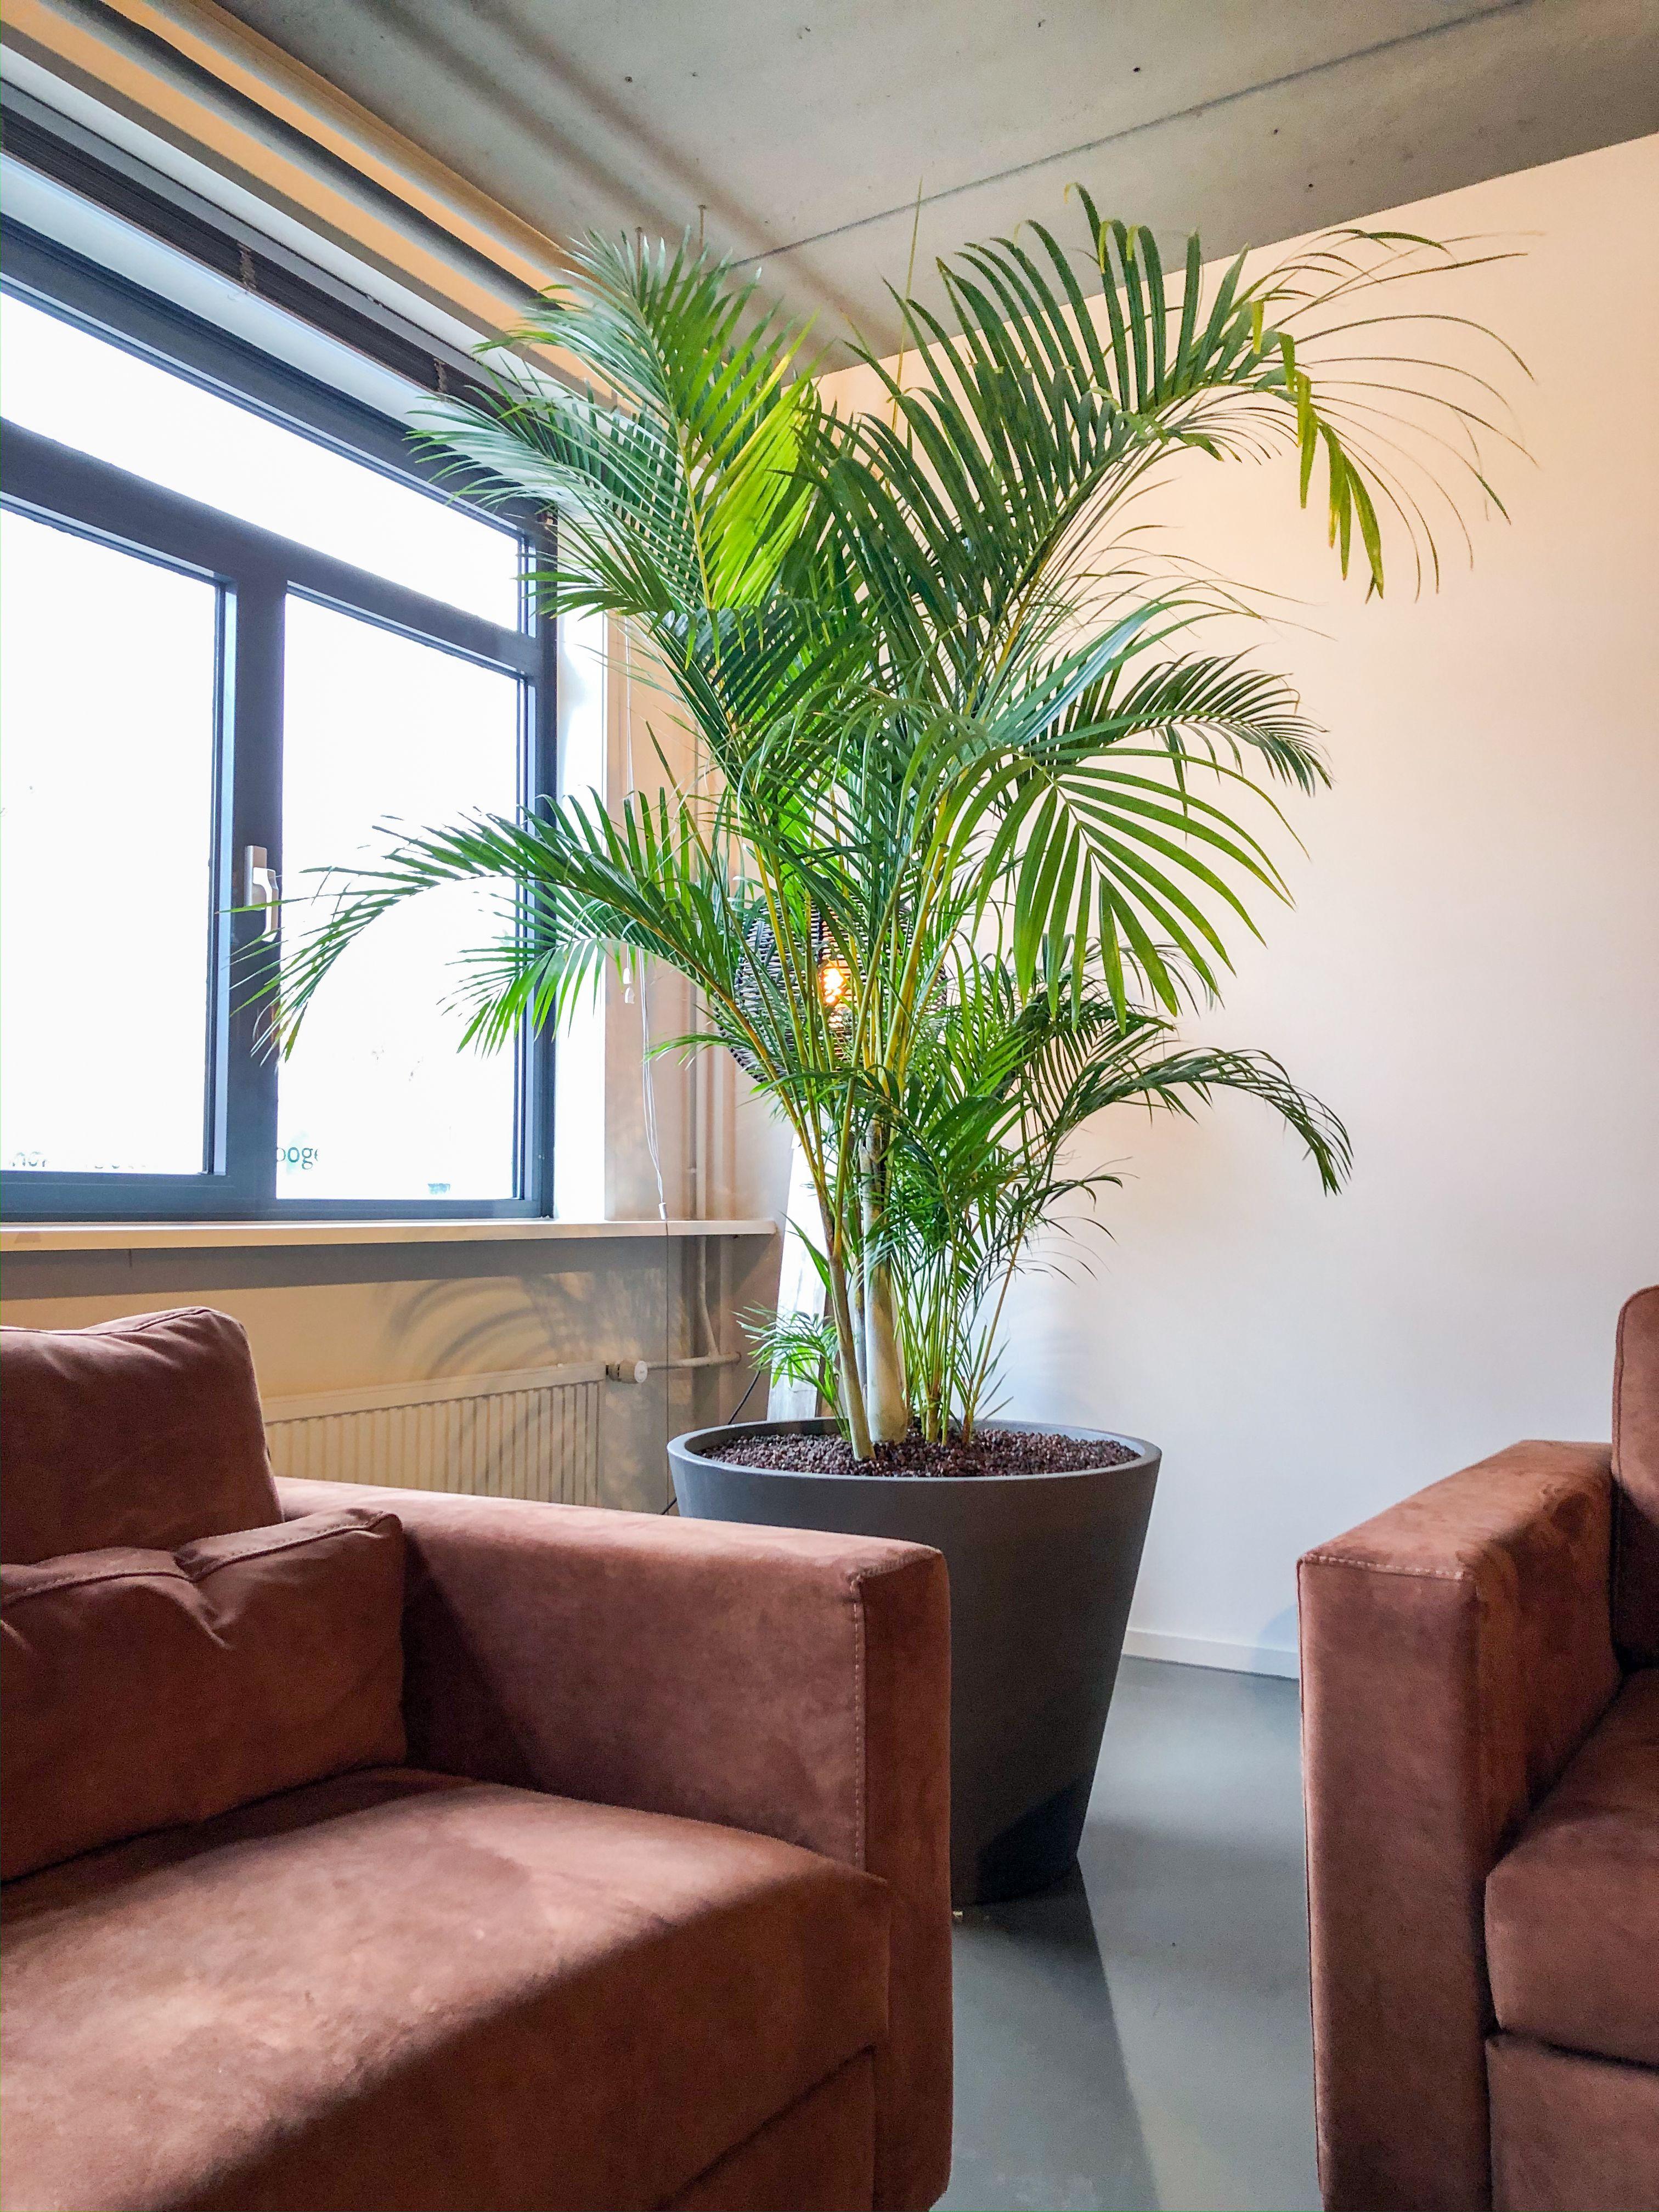 Top 10 Luchtzuiverende Planten Hoogendoorn Projectbeplanting Woonkamerplanten Planten Kamerplanten